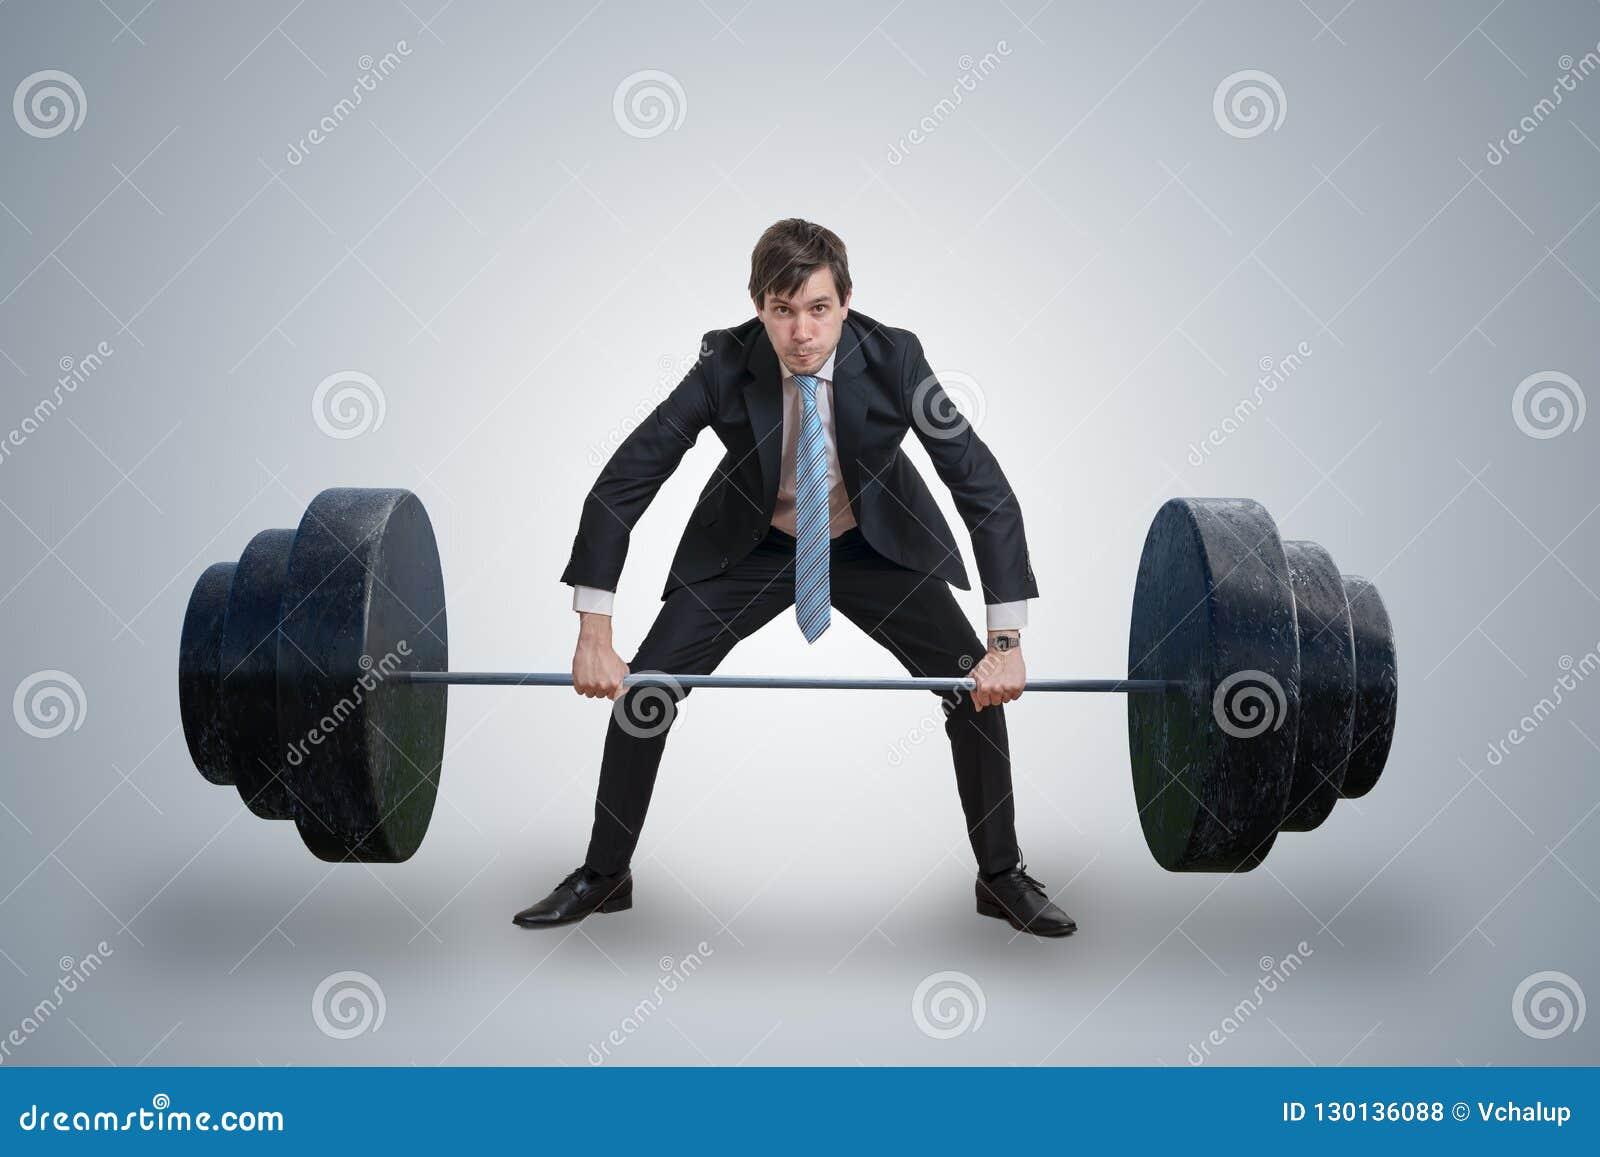 El hombre de negocios joven en traje está levantando pesos pesados